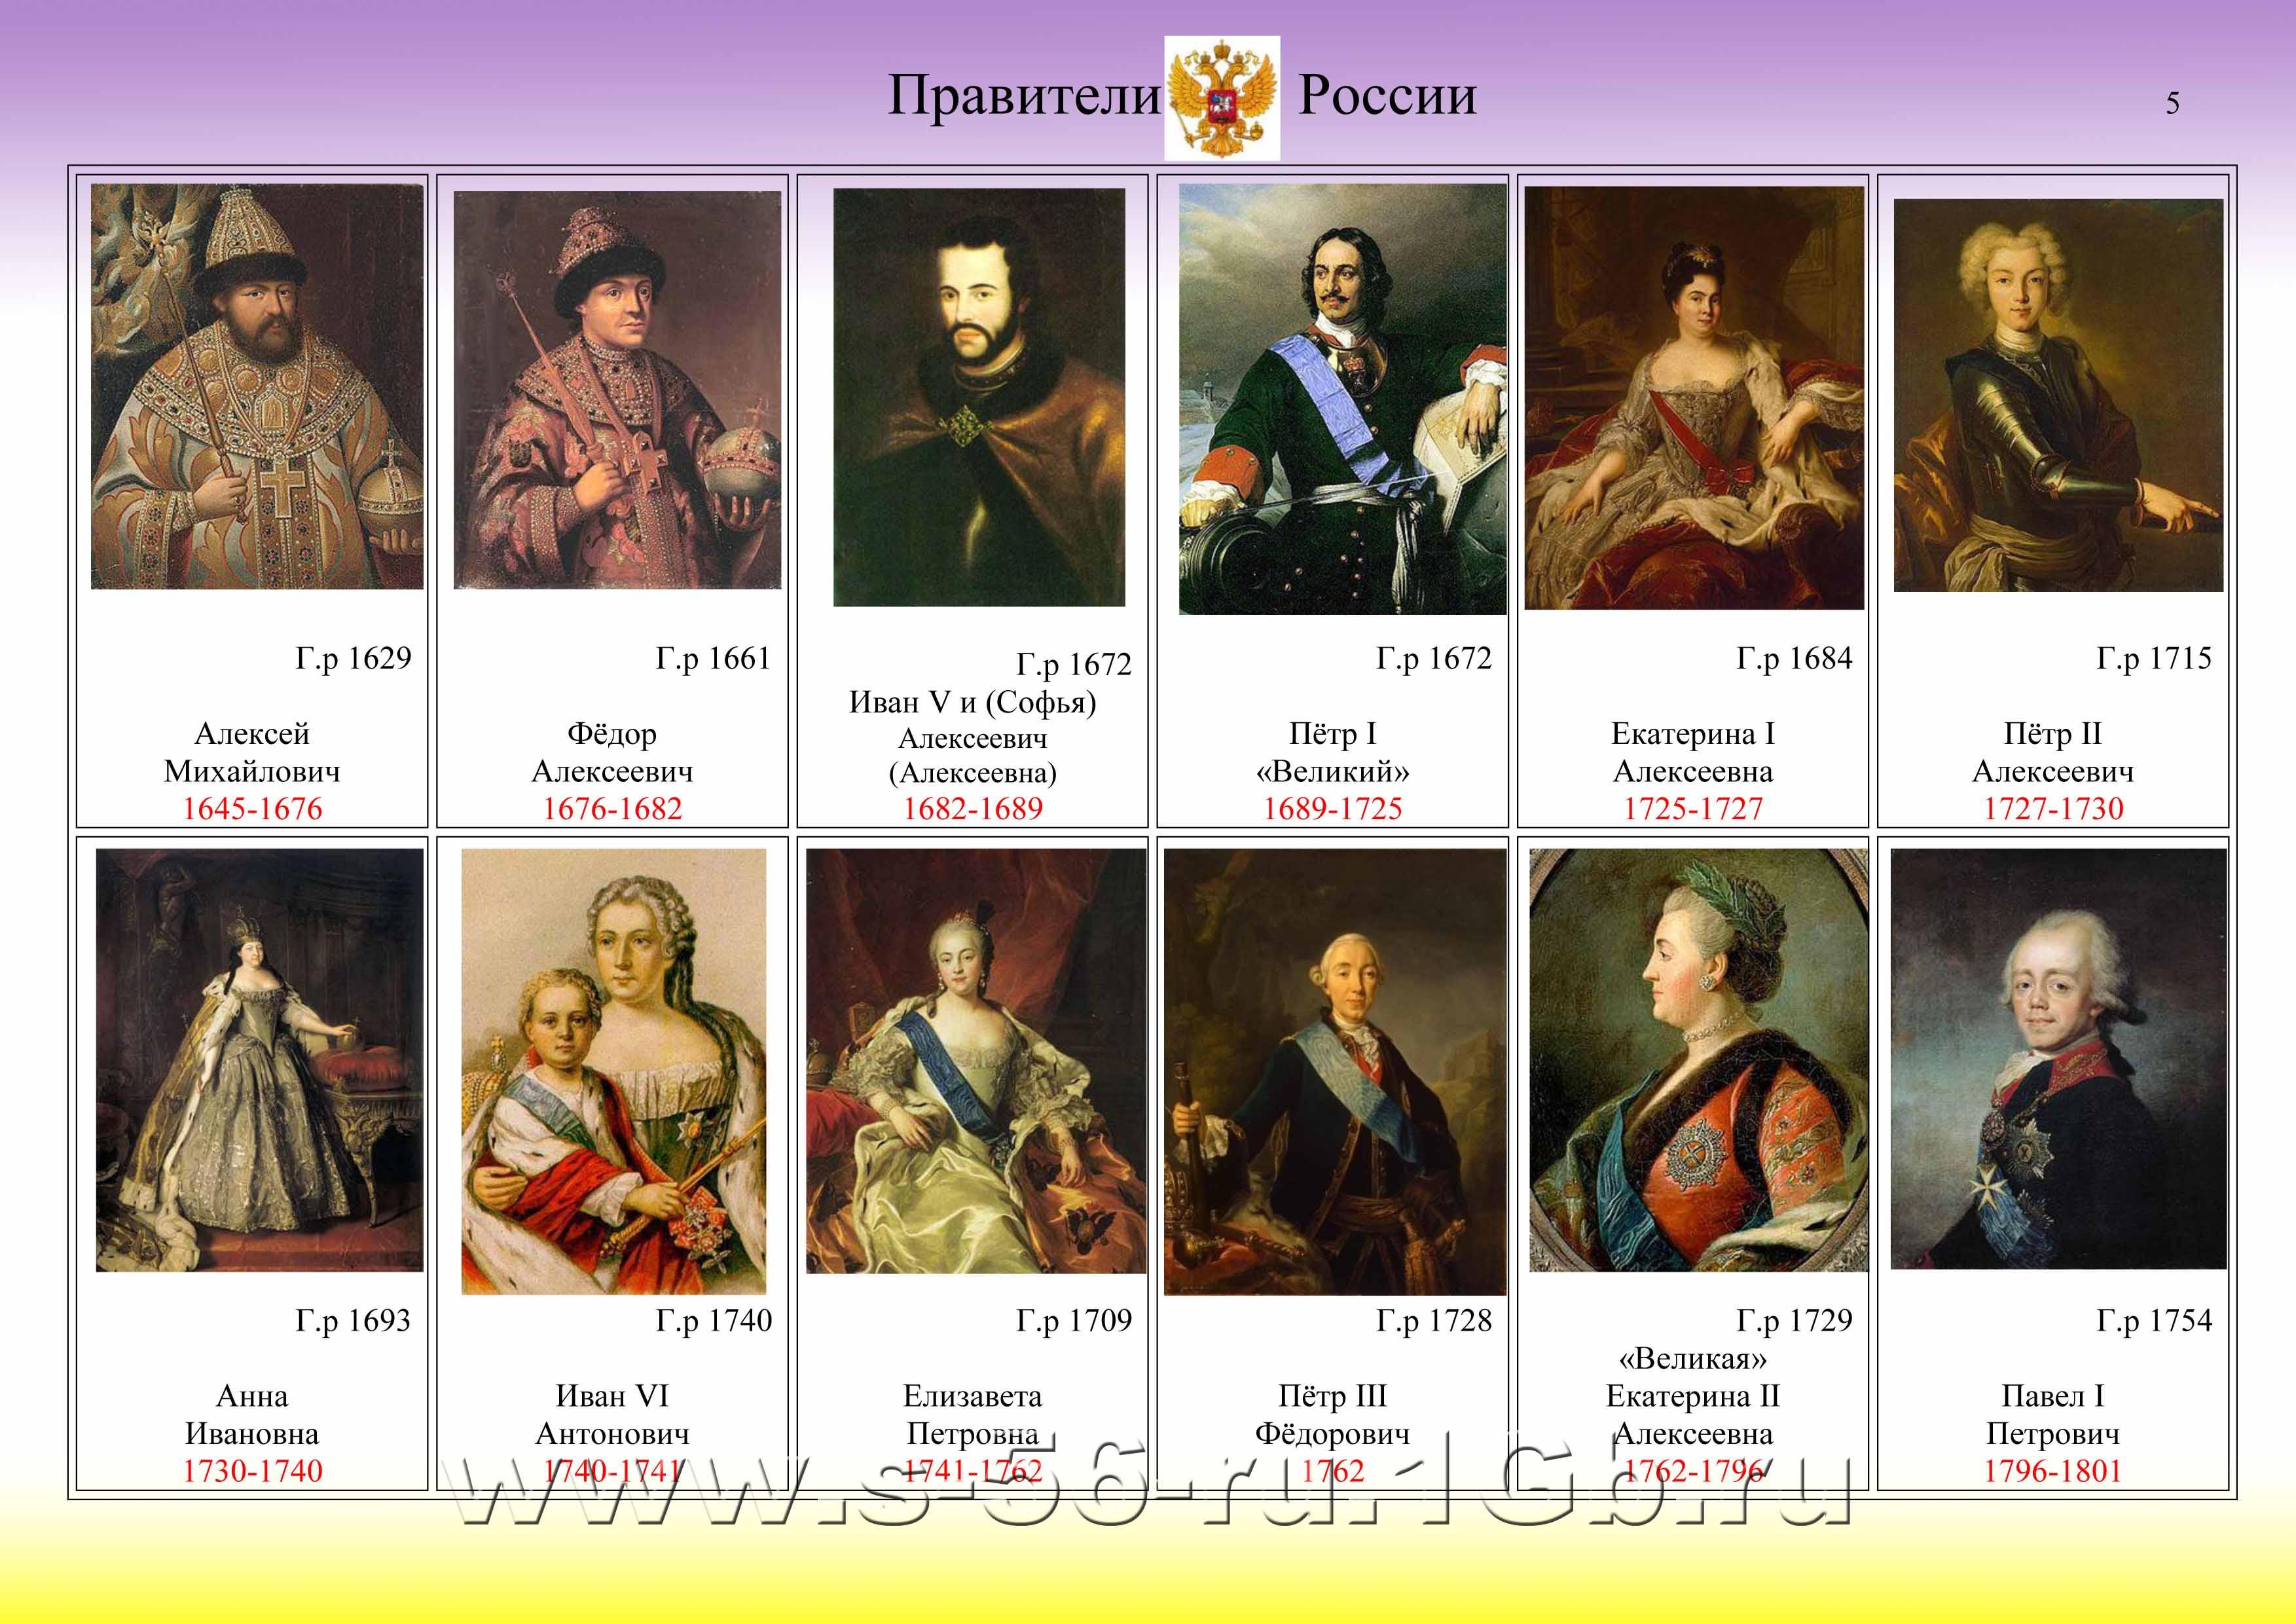 все правители россии пришёл себя